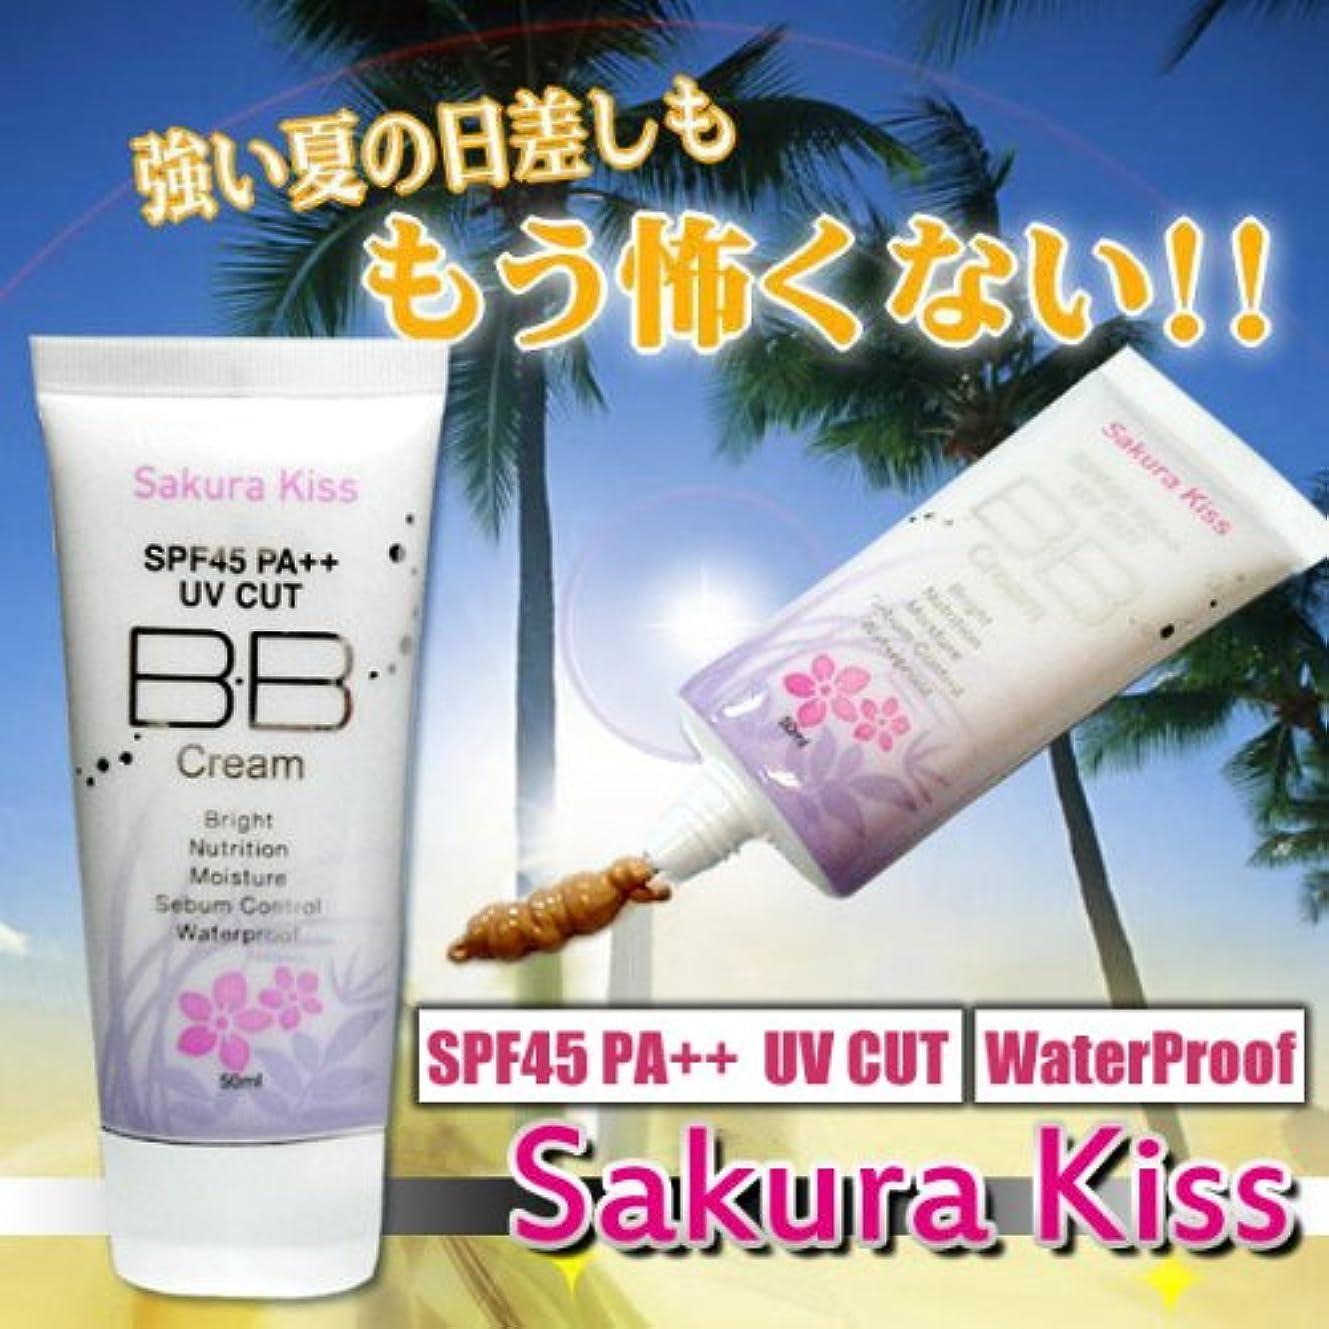 ディーラー薬植物学者Sakura Kiss BBクリーム UVプロテクト SPF45PA++ 50ml